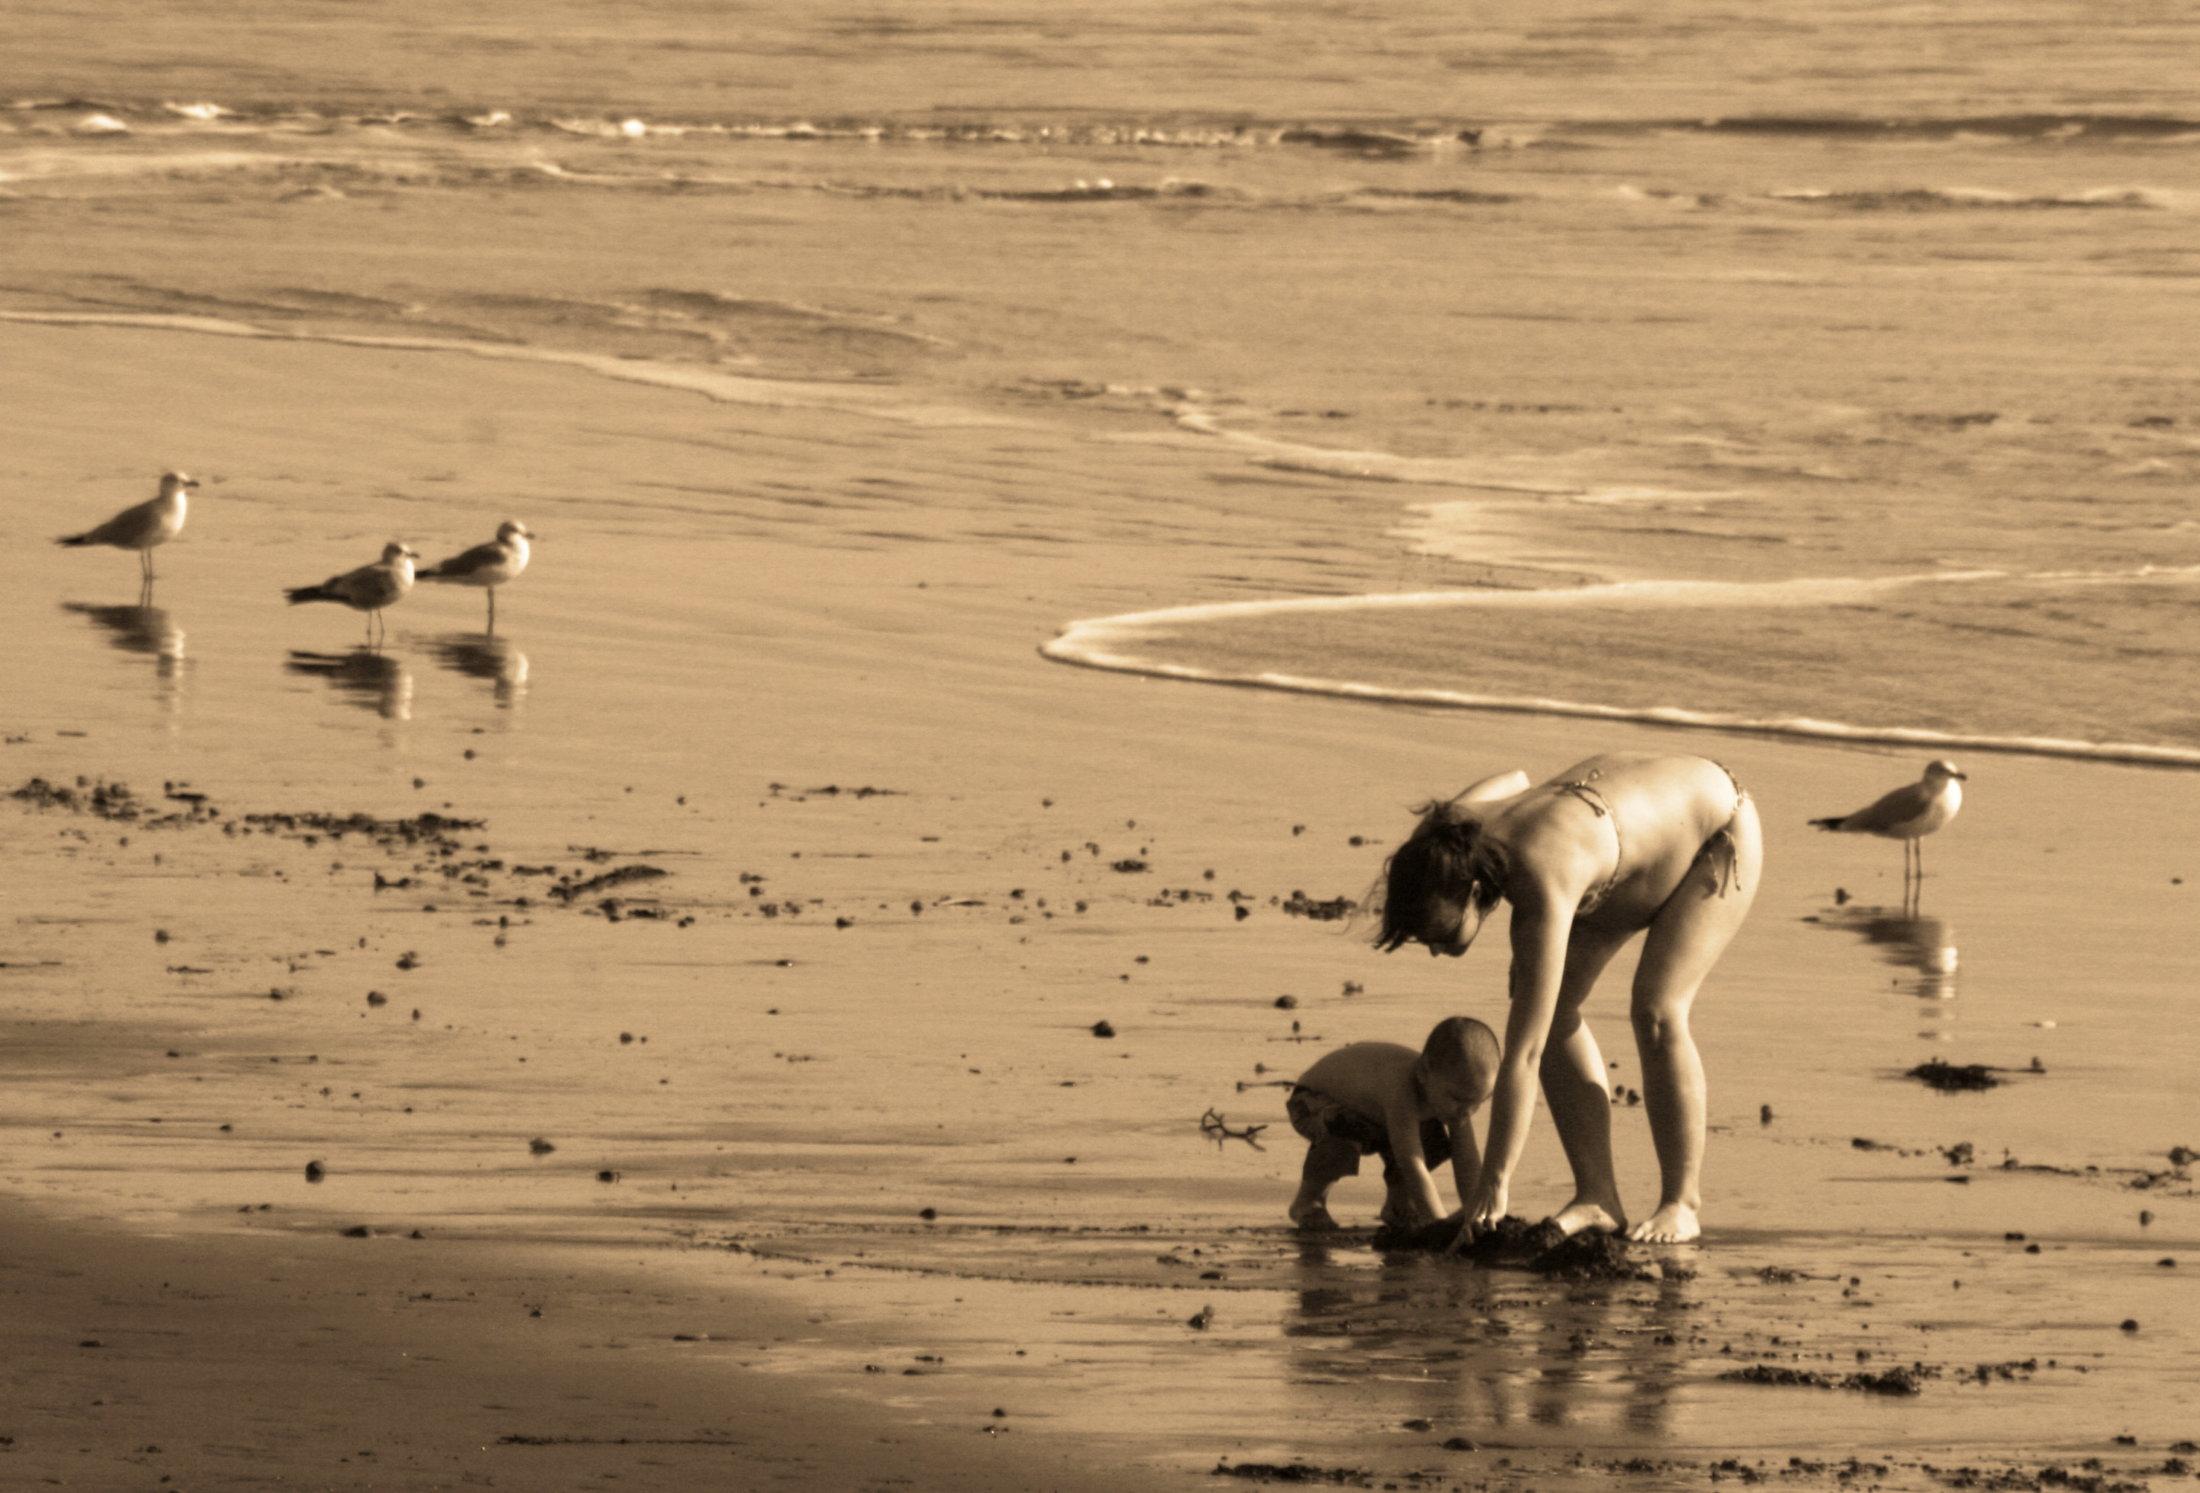 Beach-6bw